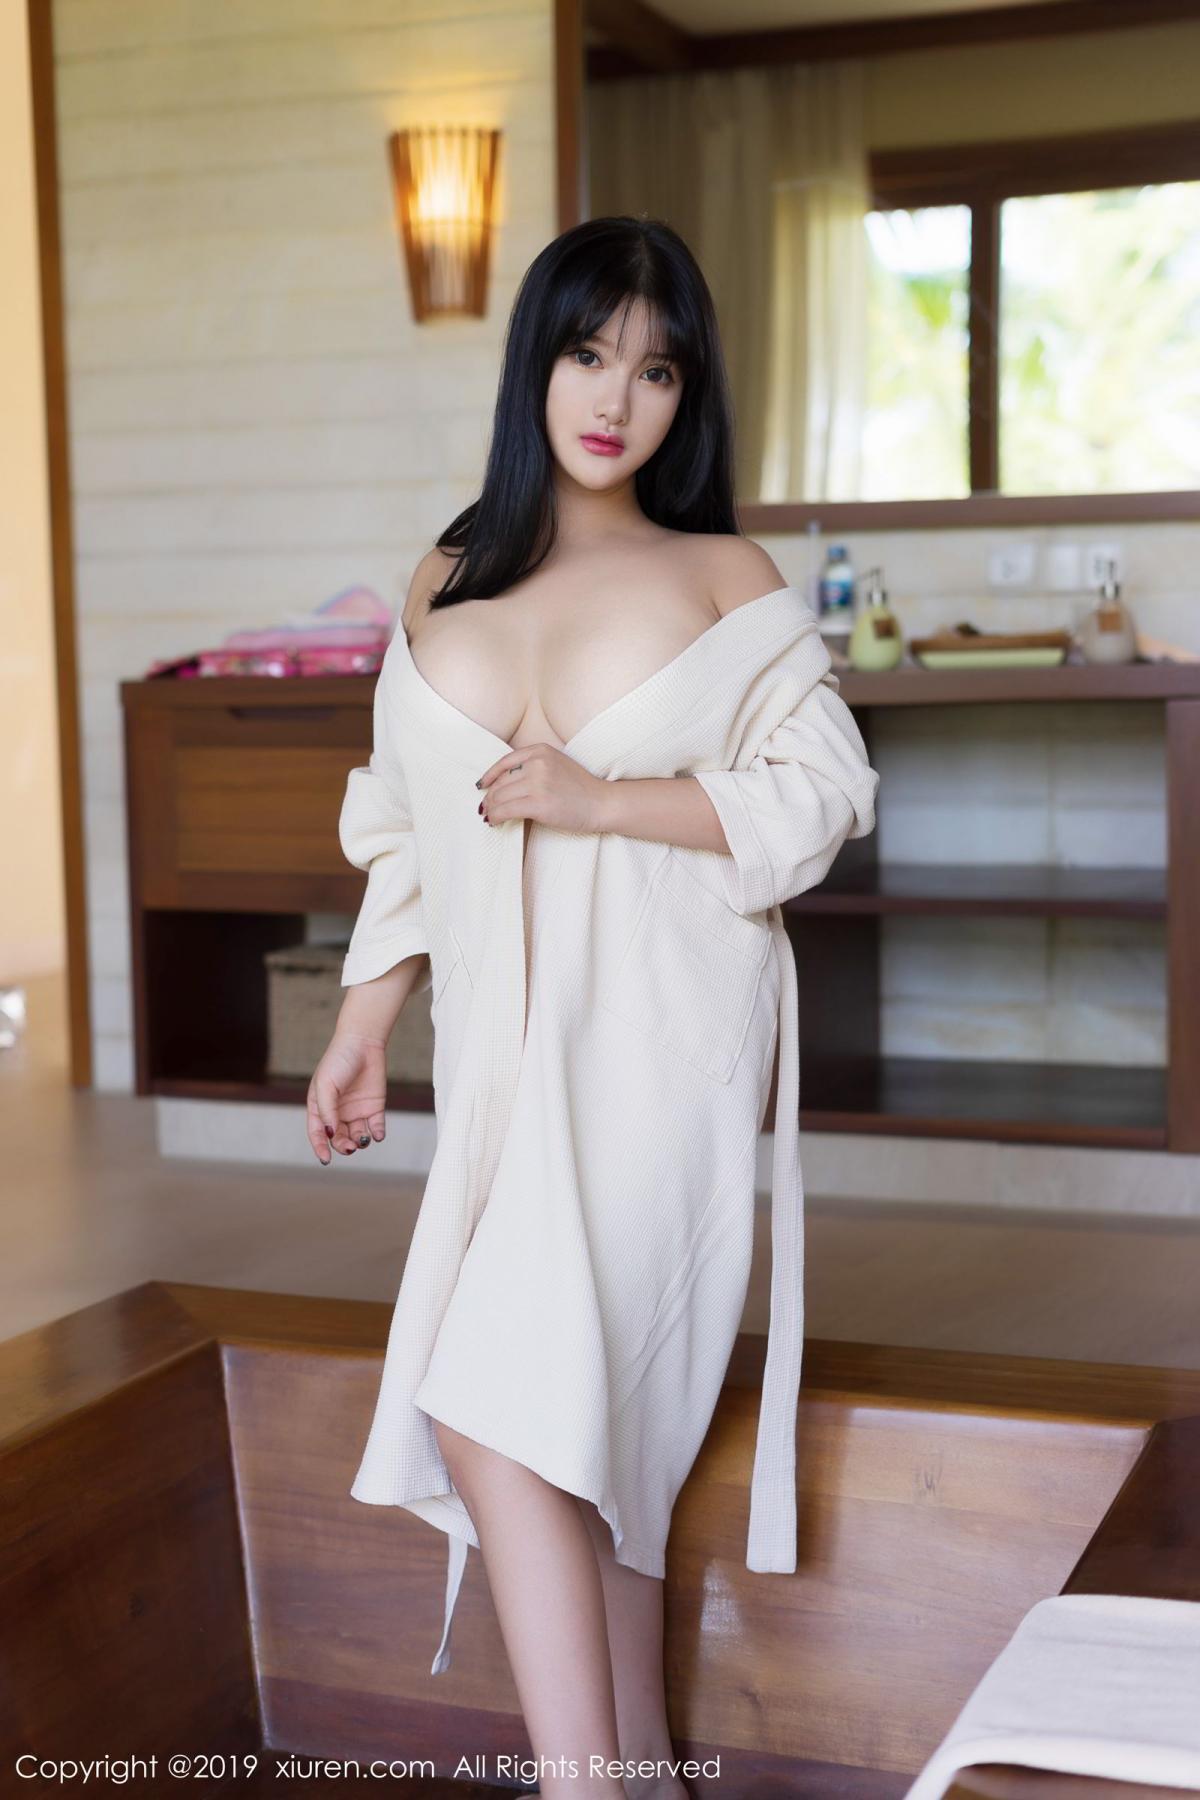 [XiuRen] Vol.1603 Lu Lu Xiao Miao 35P, Lu Lu Xiao Miao, Underwear, Xiuren